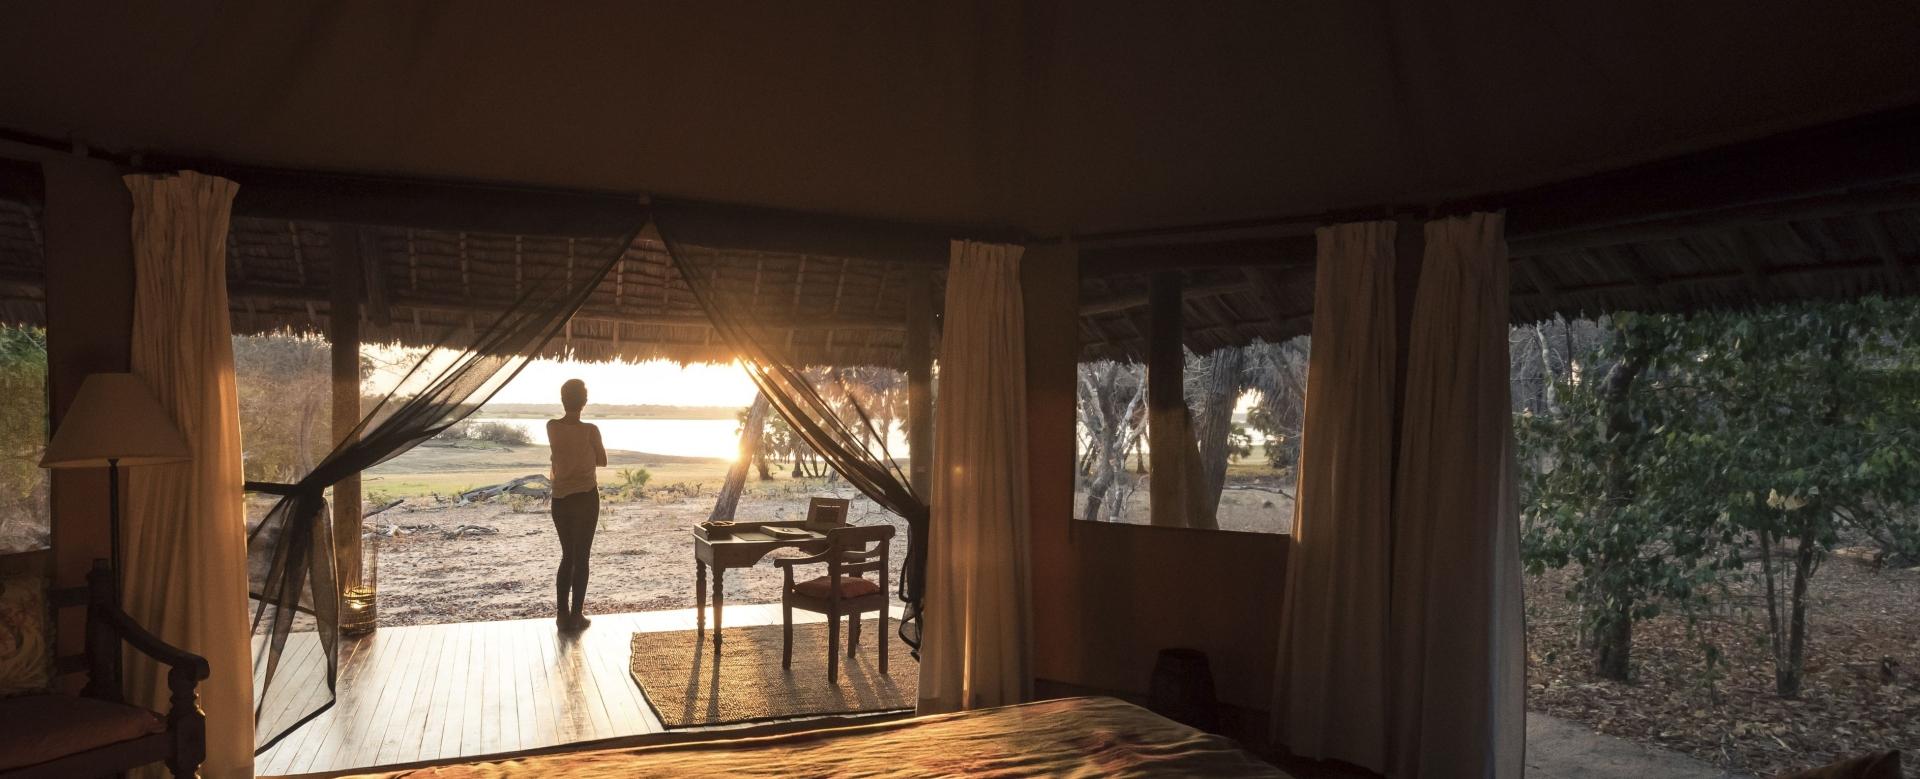 Image Safaris de charme en tanzanie